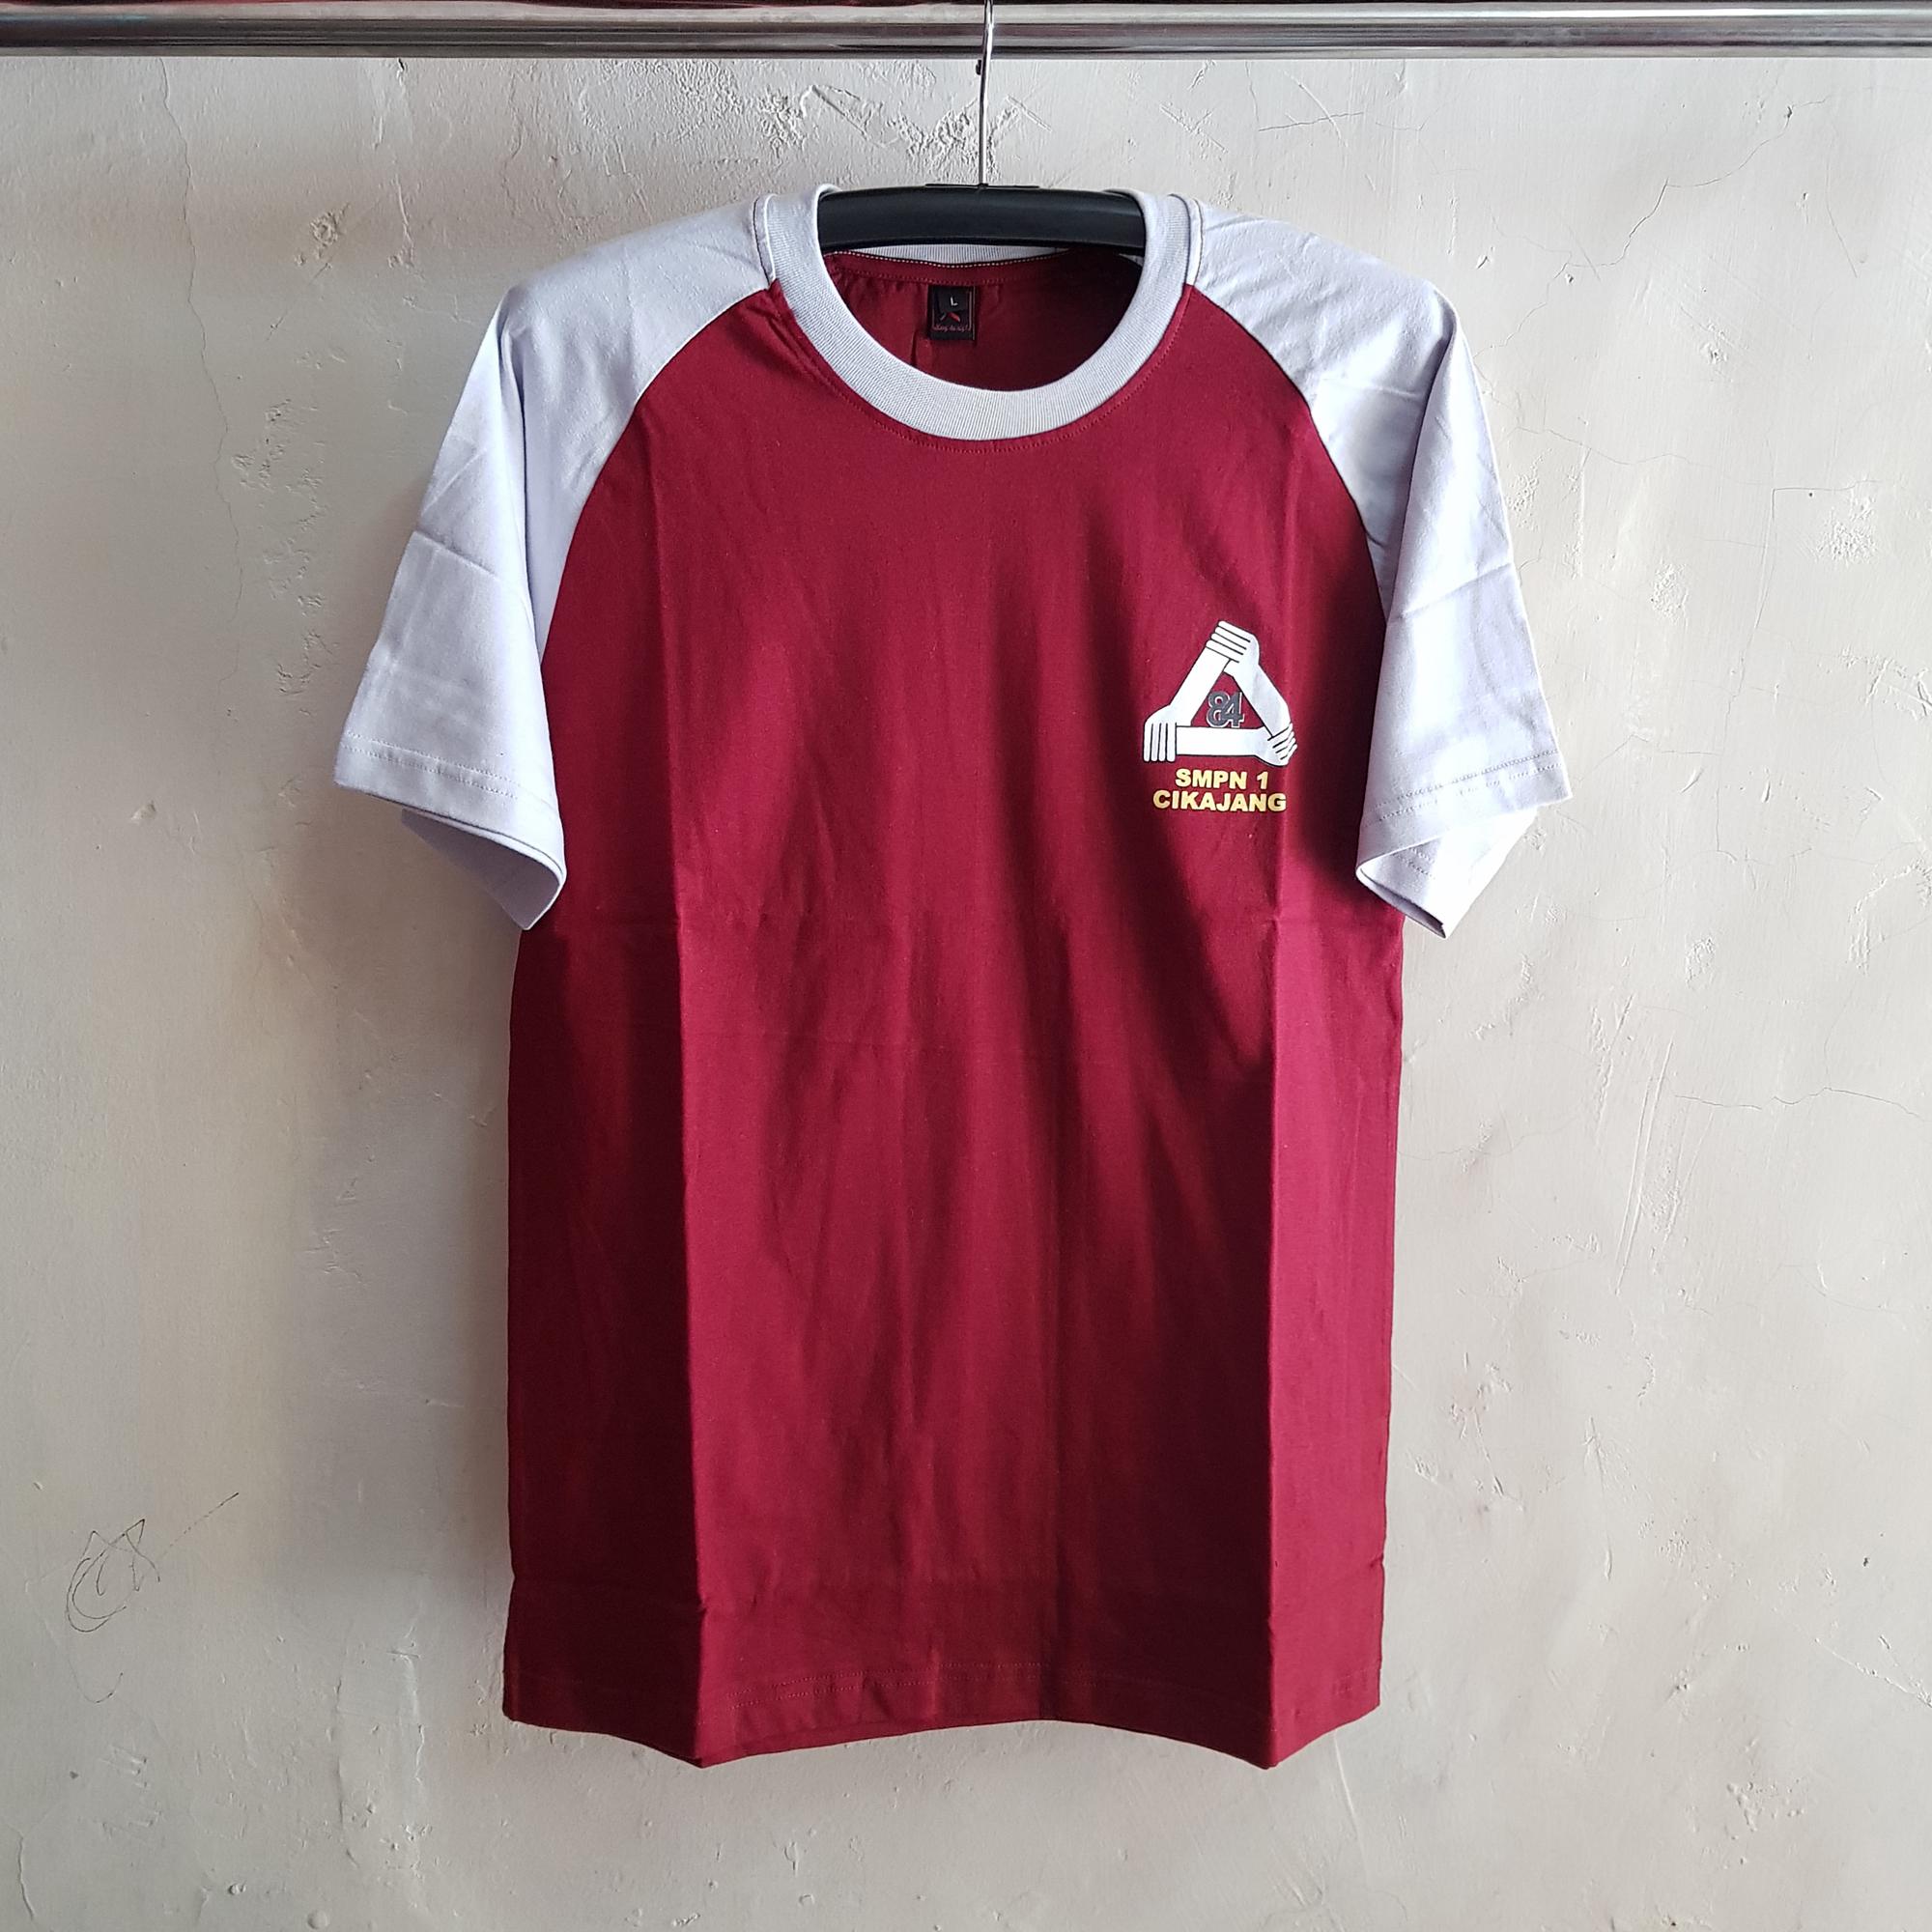 Seragam Kaos Reuni, T-Shirt Oblong